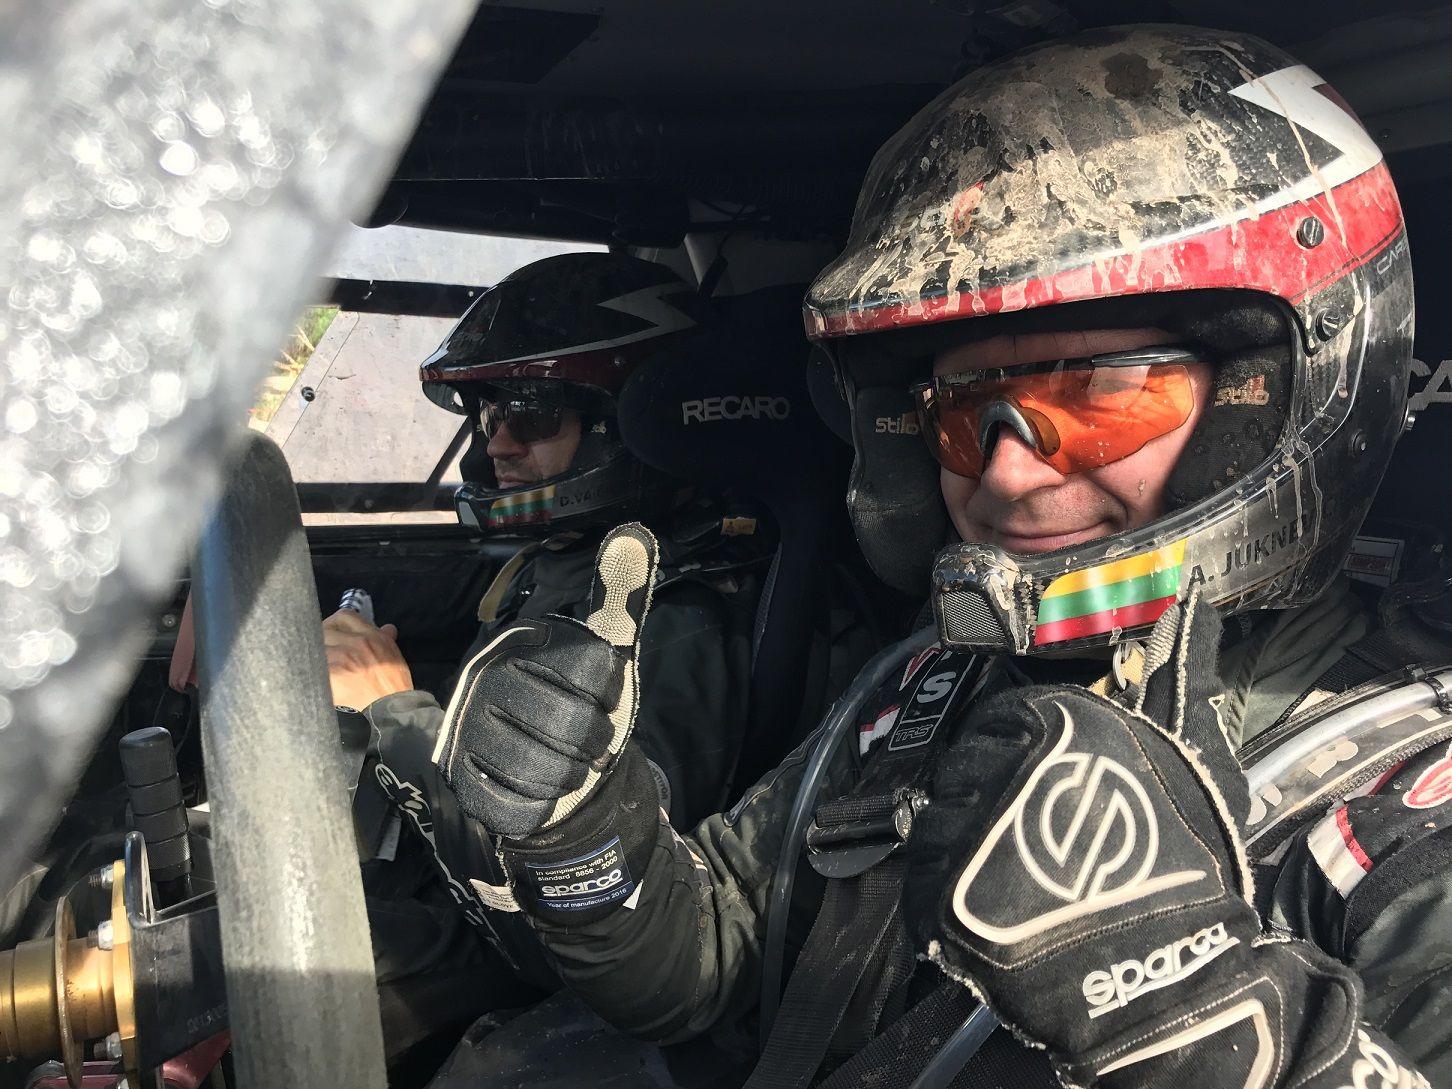 Ketvirtame Dakaro ruože Juknevičius finišavo 29, Žala baigė pasirodymą